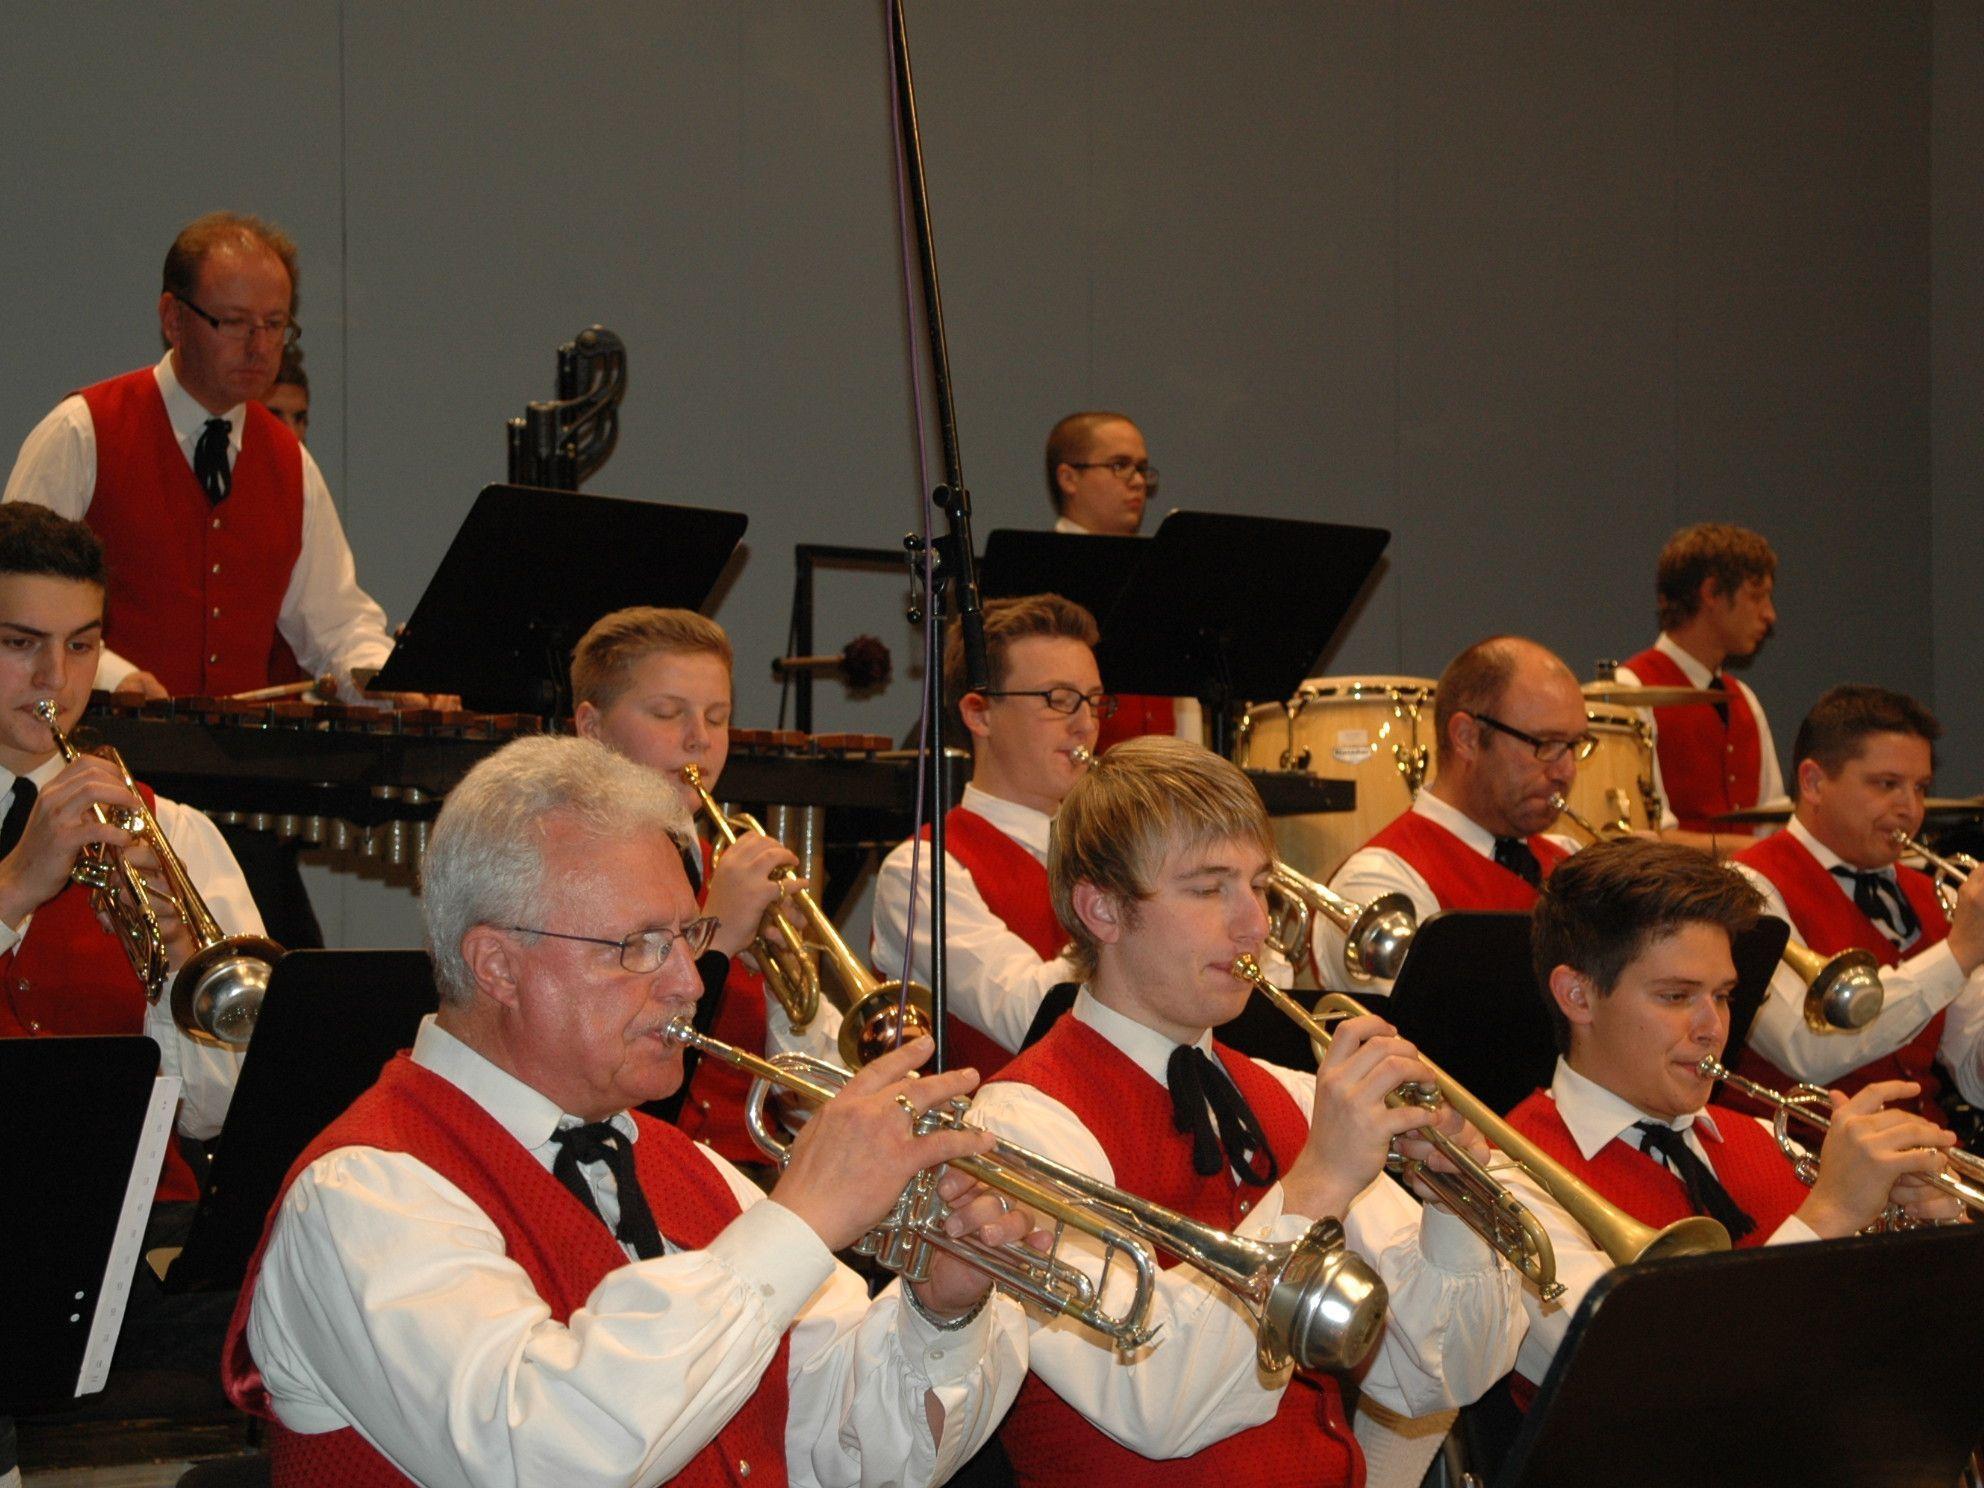 Die Bürgermusik Götzis unter der Leitung von Attila Buri begeisterte beim Herbstkonzert